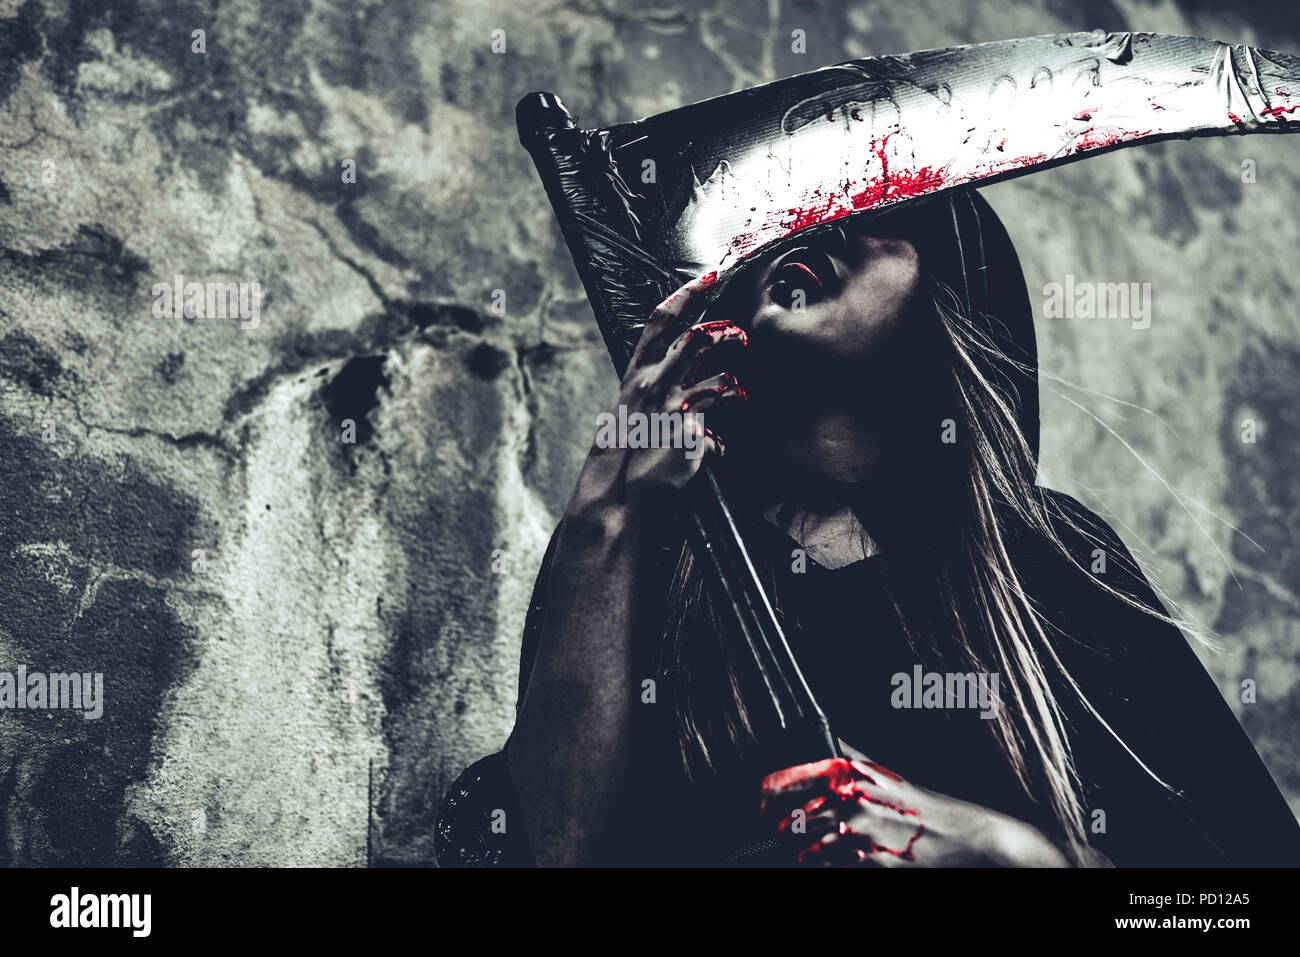 Lécher le sang sur reaper sorcière. Ange démon femelle de noir et le capot sur grunge wall background. Journée de l'Halloween et le mystère concept. Fantasme de m Photo Stock